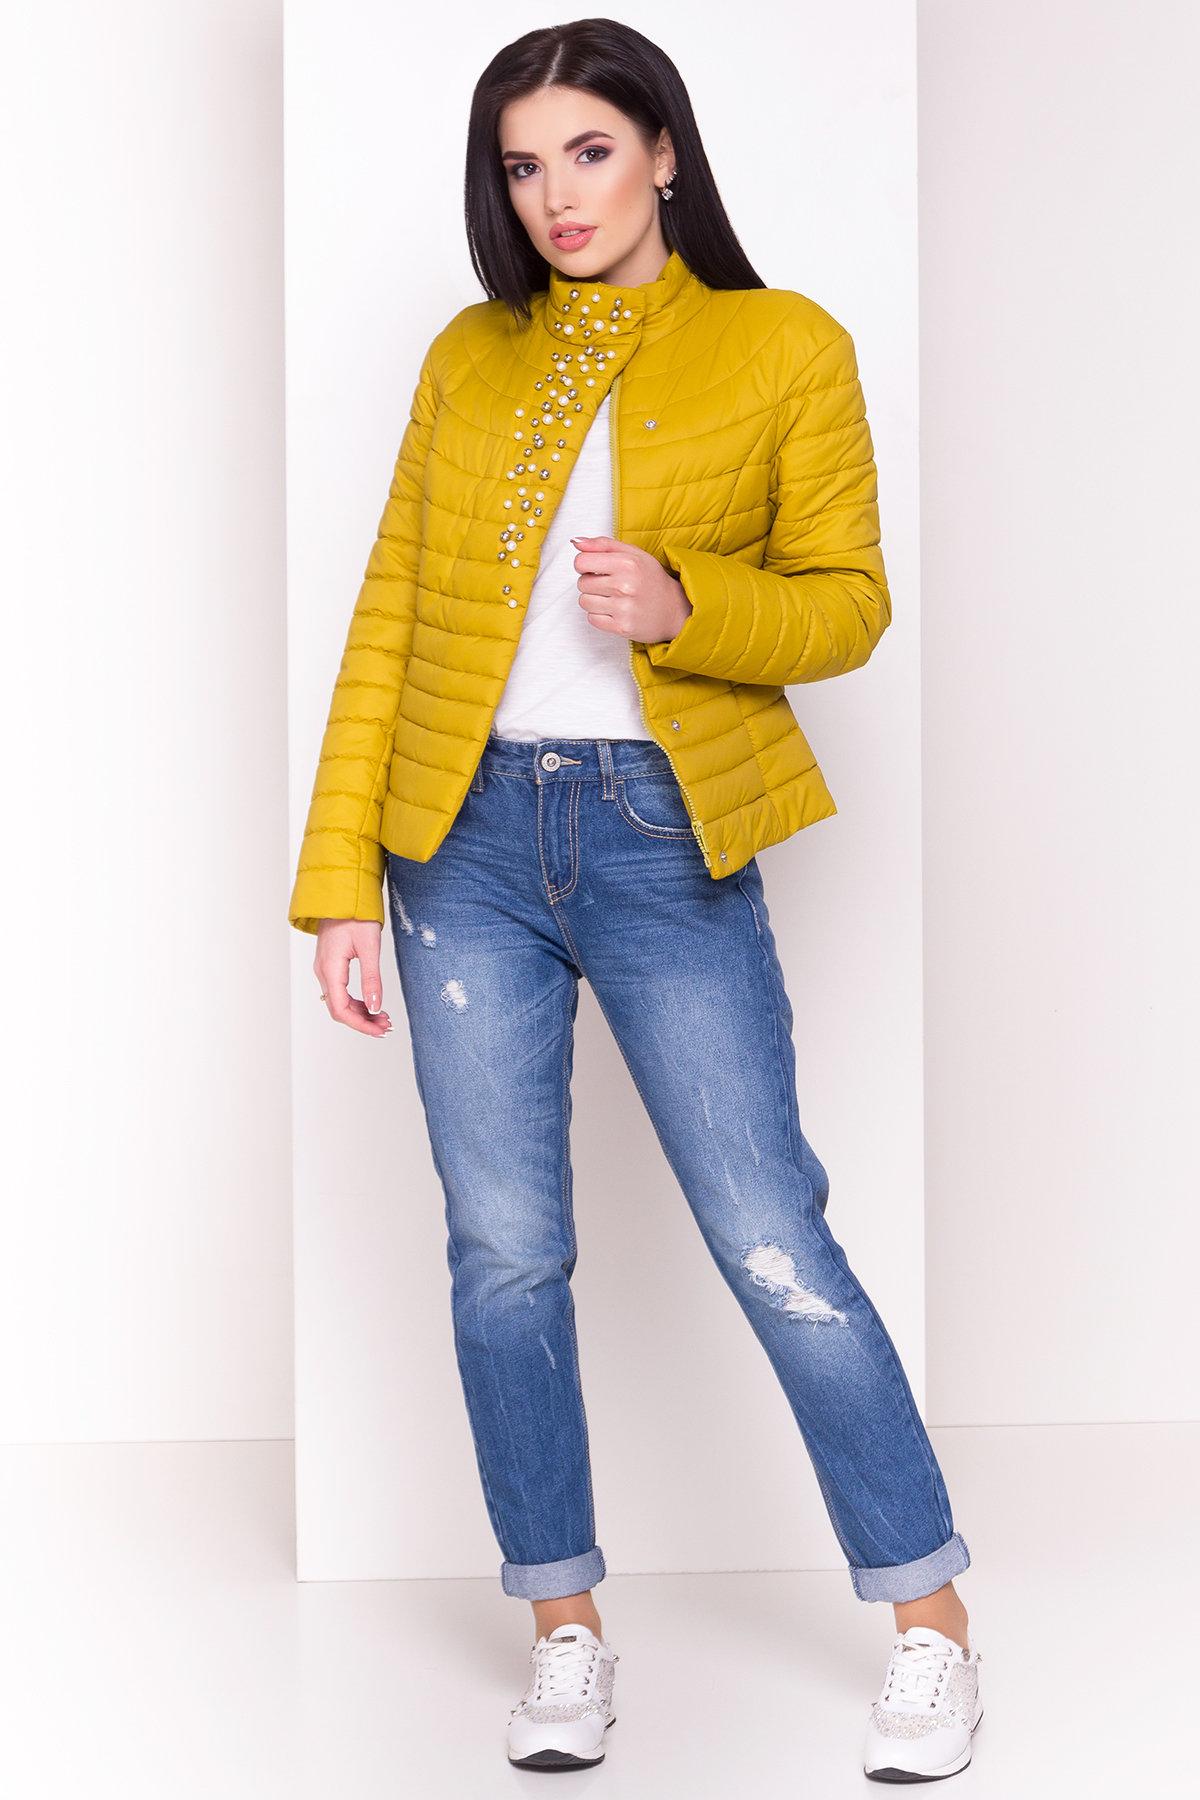 Куртка горчичный цвет Флориса 4560 АРТ. 21643 Цвет: Горчица - фото 1, интернет магазин tm-modus.ru